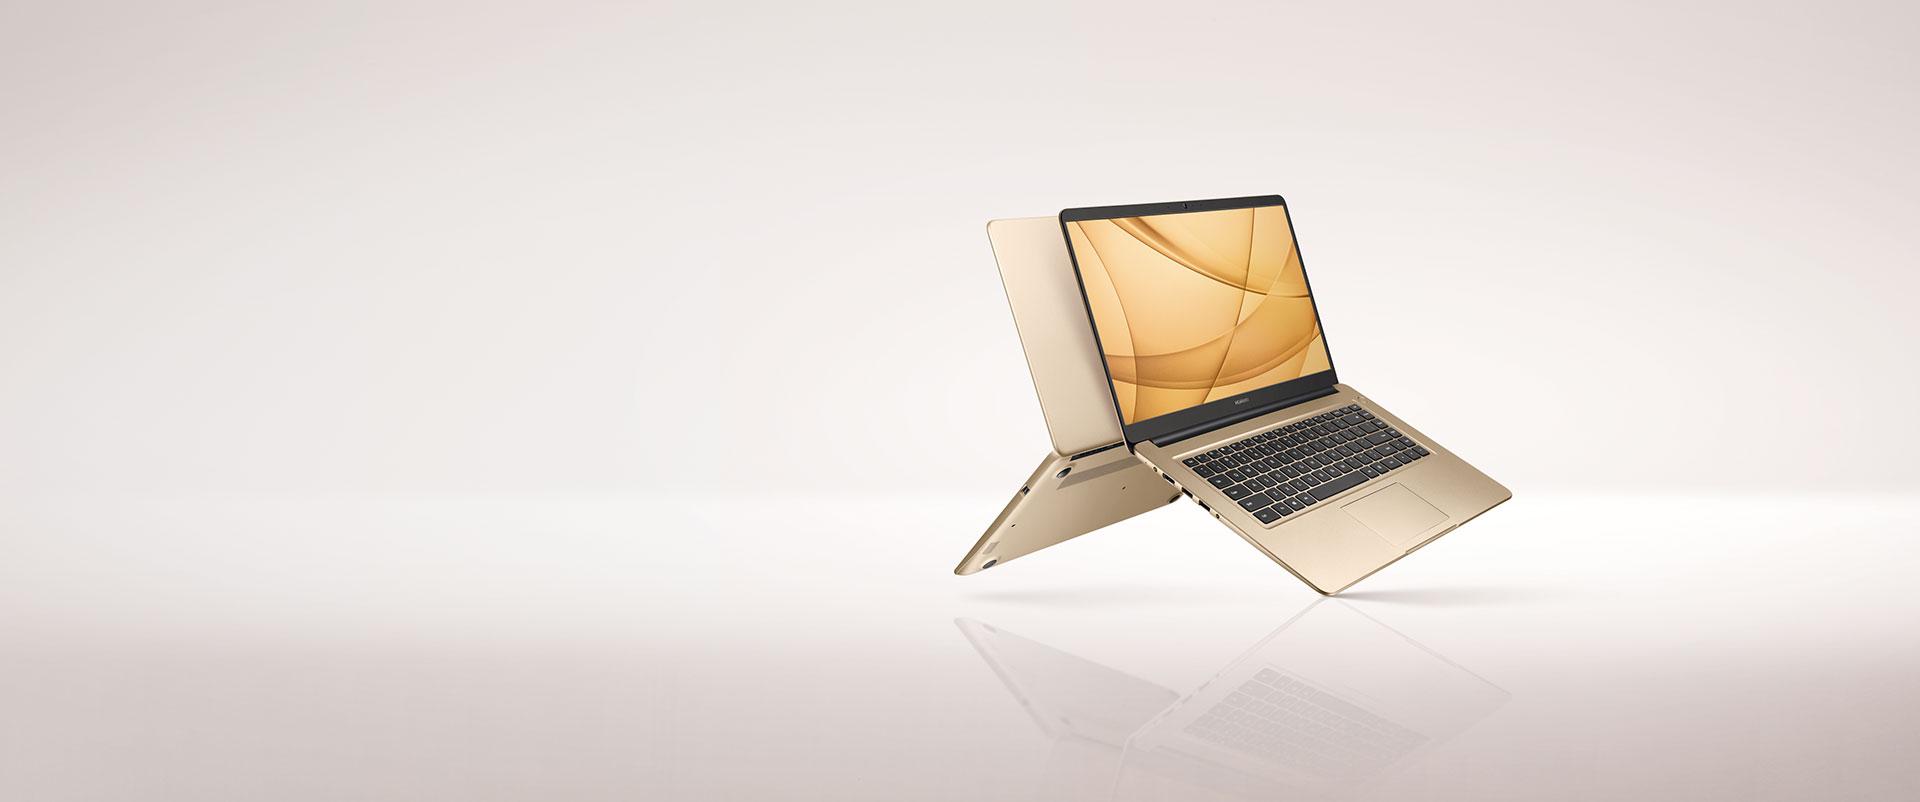 Huawei Matebook D, su palabra clave es VERSATILIDAD